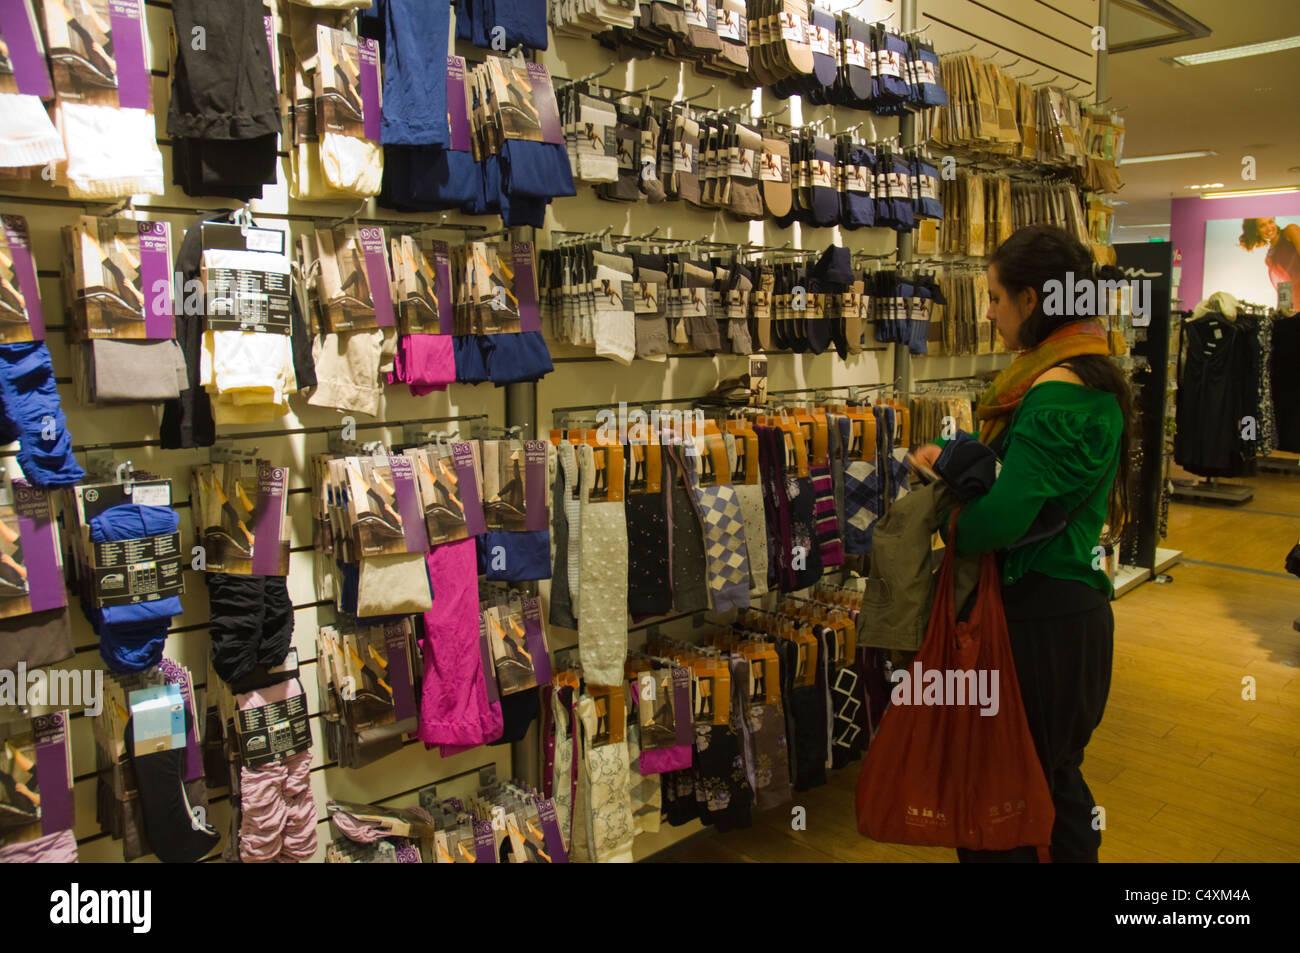 Tienda guapo obtener nueva C&A tienda de ropa interior de moda de Mariahilfer Strasse ...